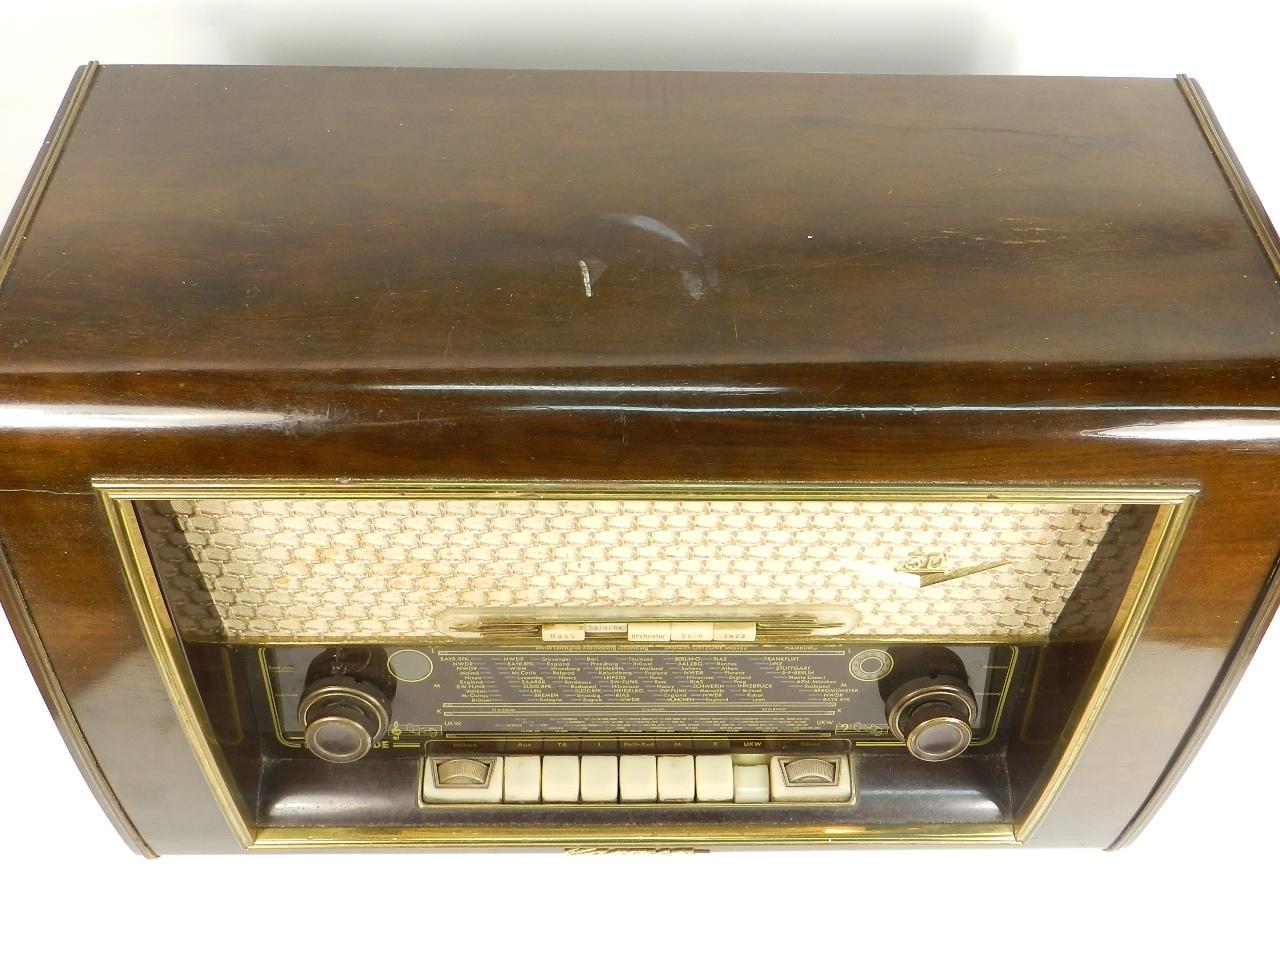 Imagen RADIO NORDMENDE Mod. CARMEN 56  AÑO 1956 27915